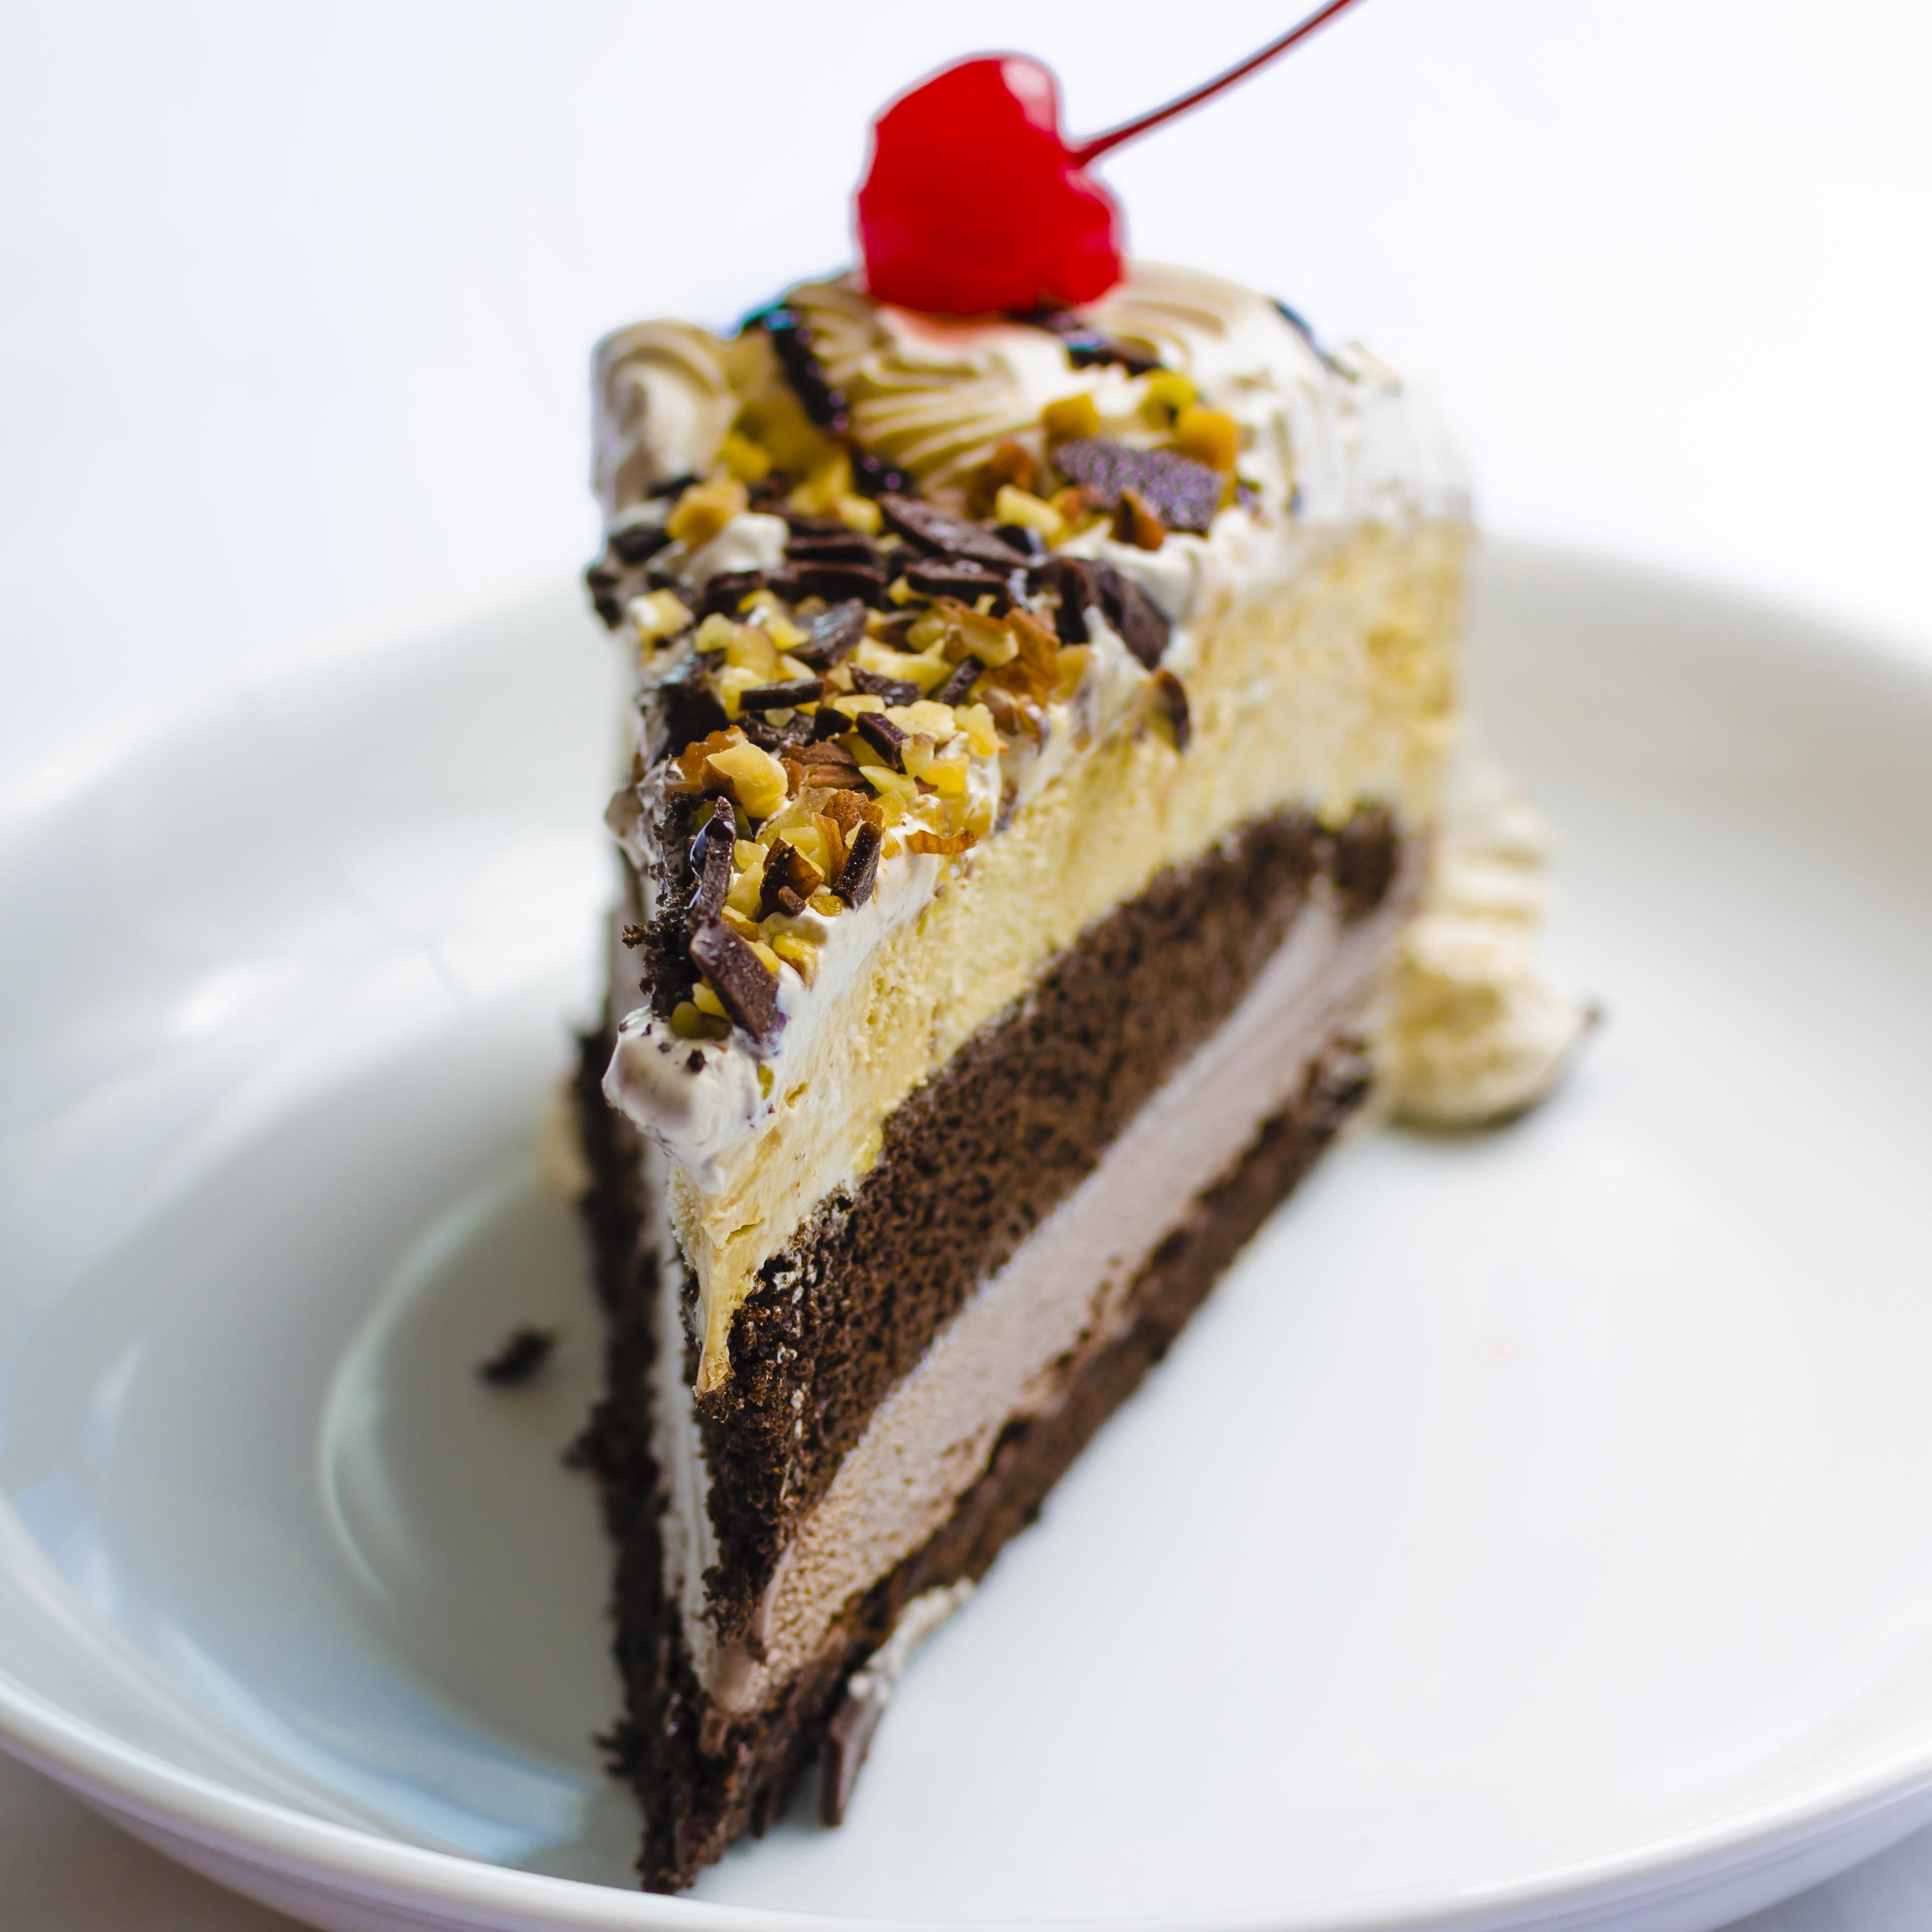 Tarta helada de vainilla y chocolate con nata y guindas